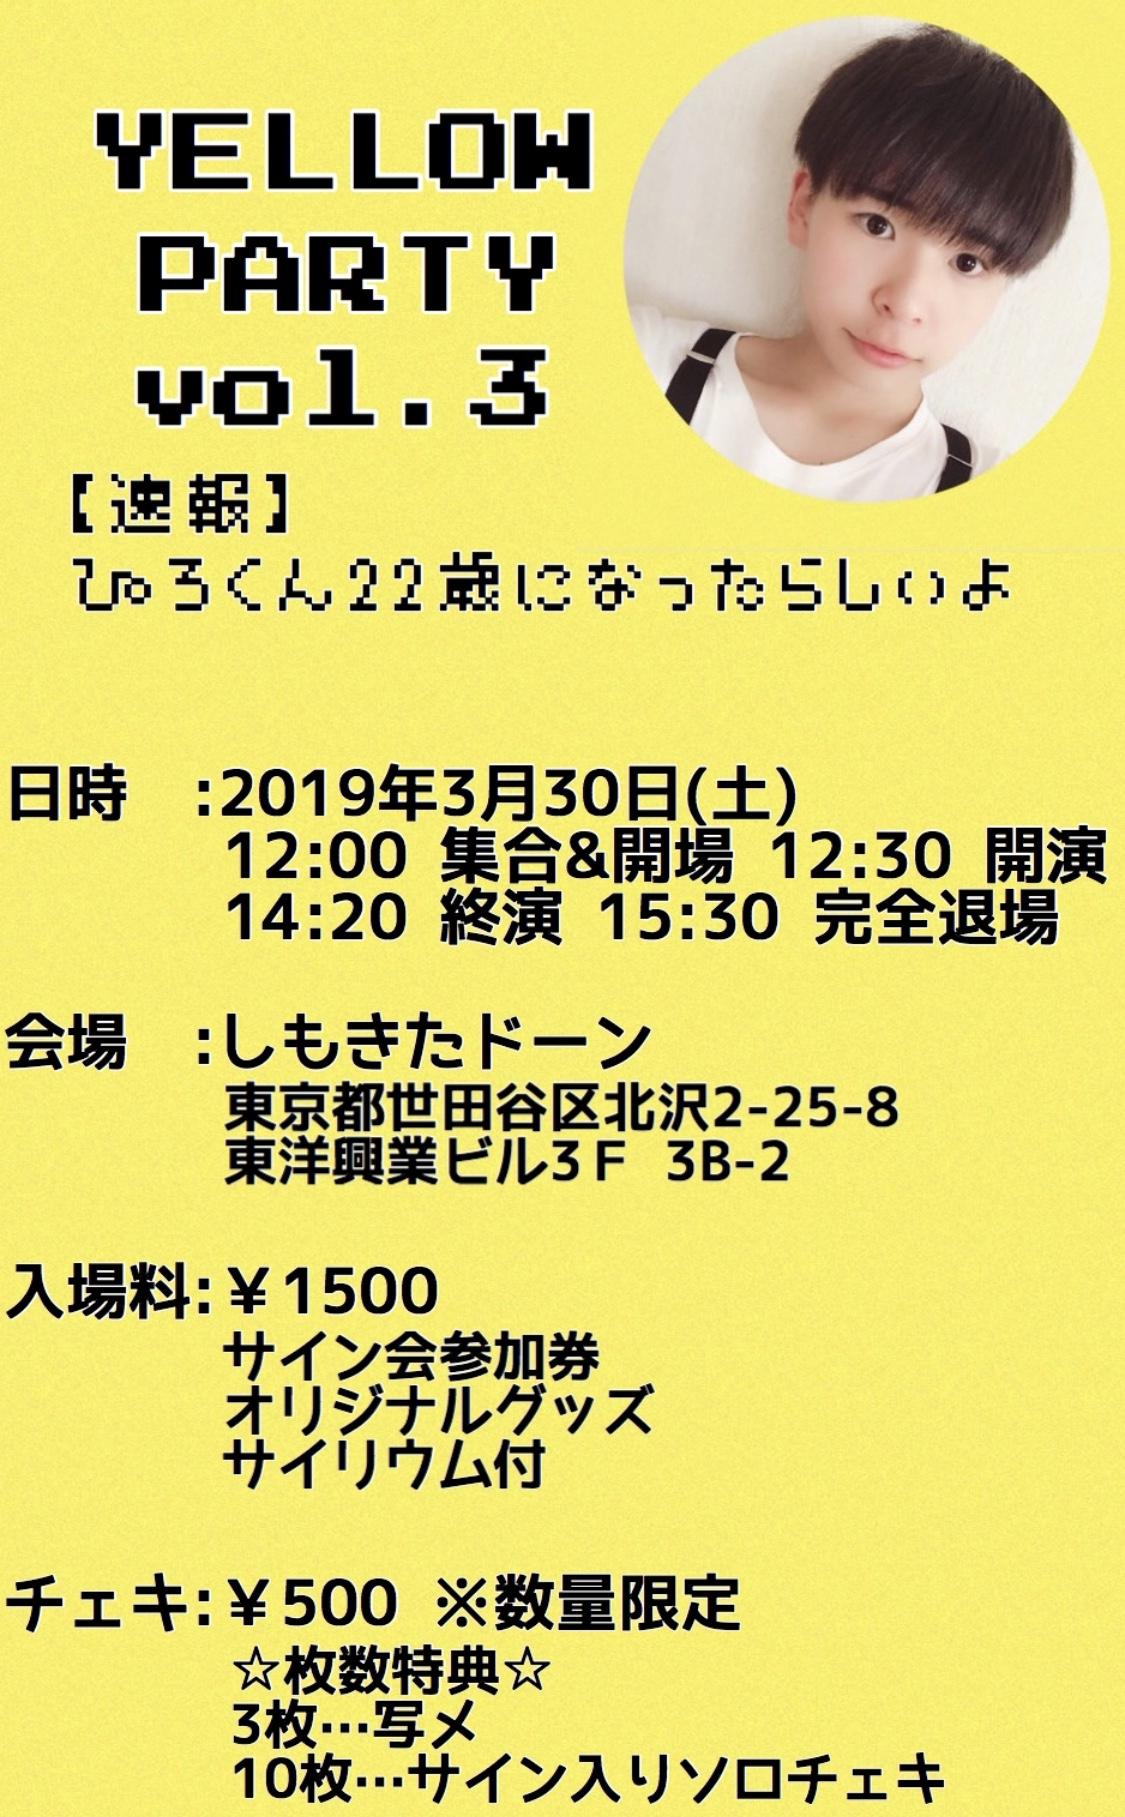 Yellow Party vol.3 〜【速報】ぴろくん22歳になったらしいよ!〜